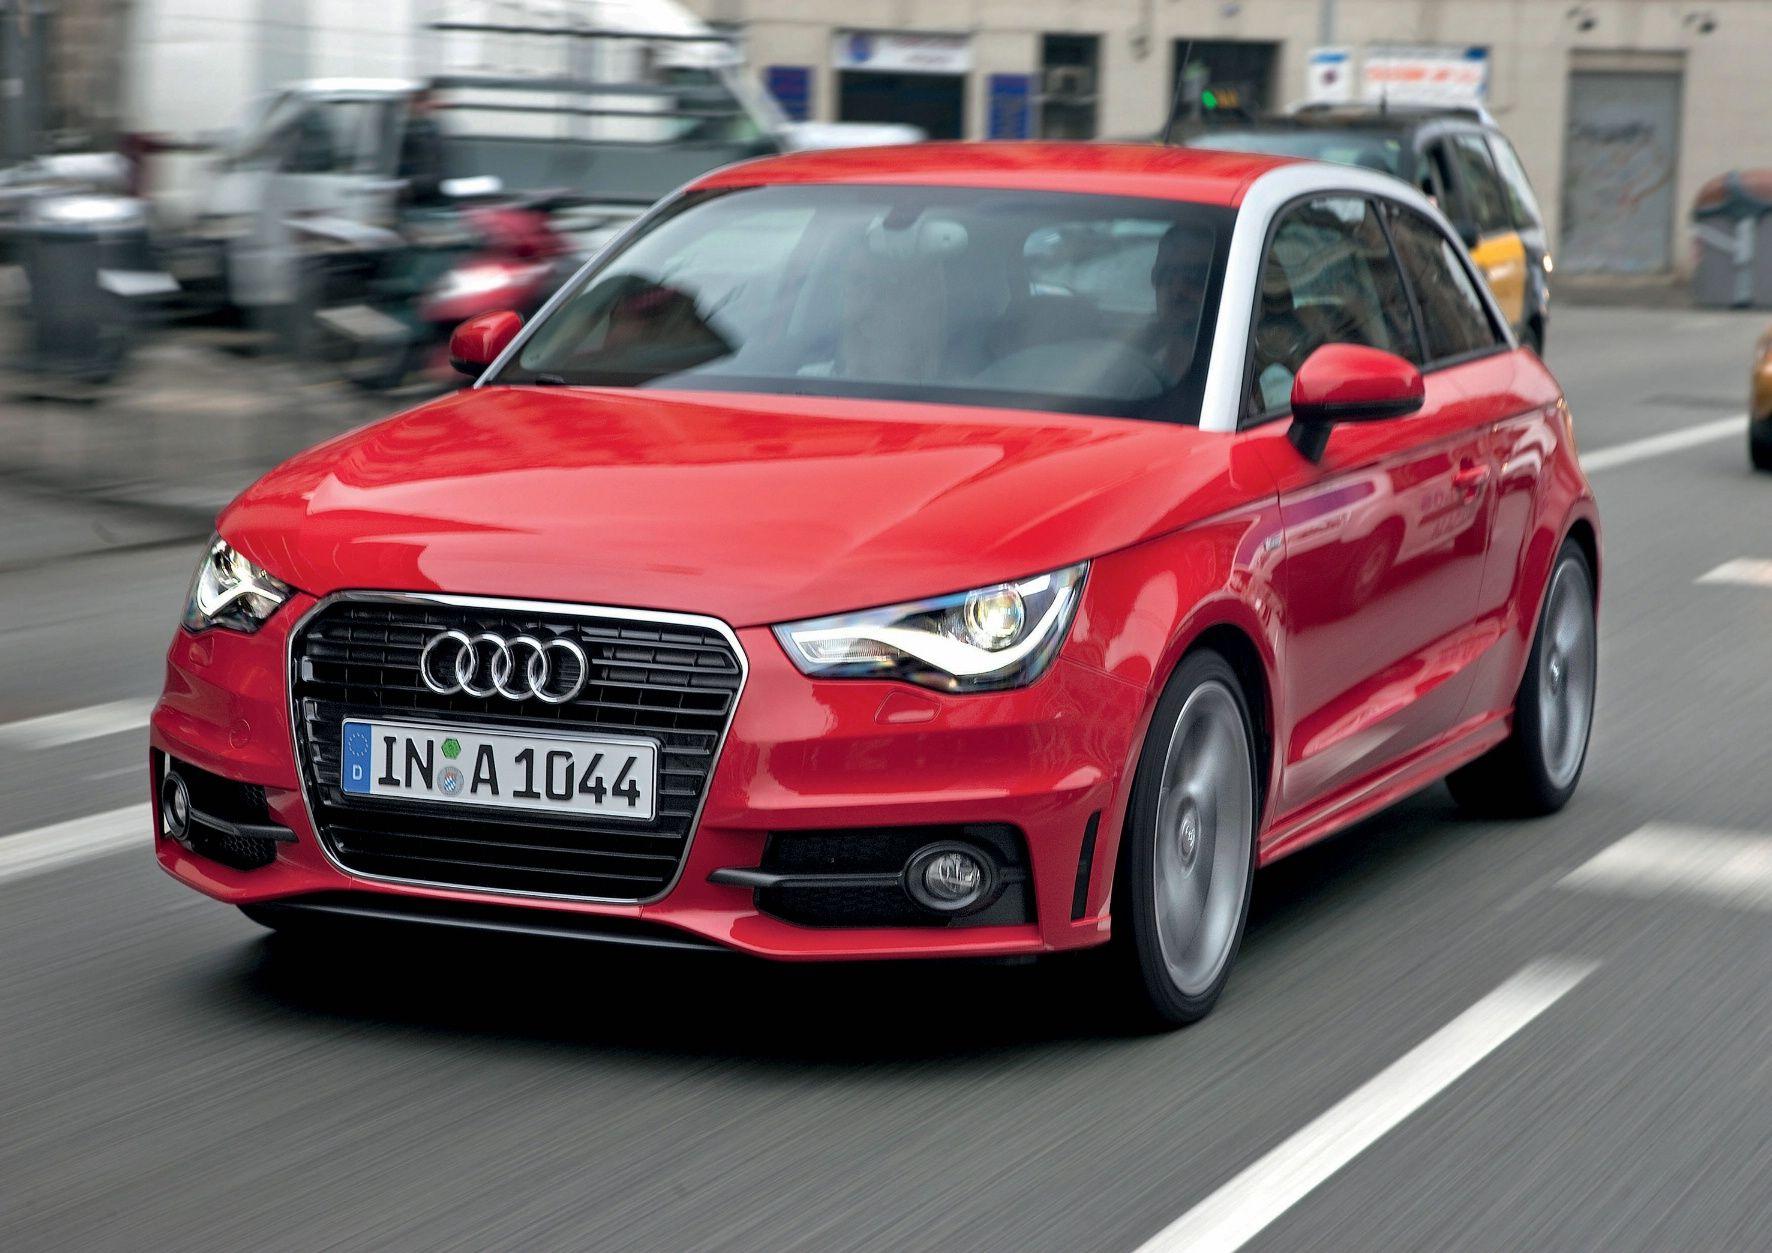 Ufficializzati i prezzi della Audi A1: si parte da 18.250 euro